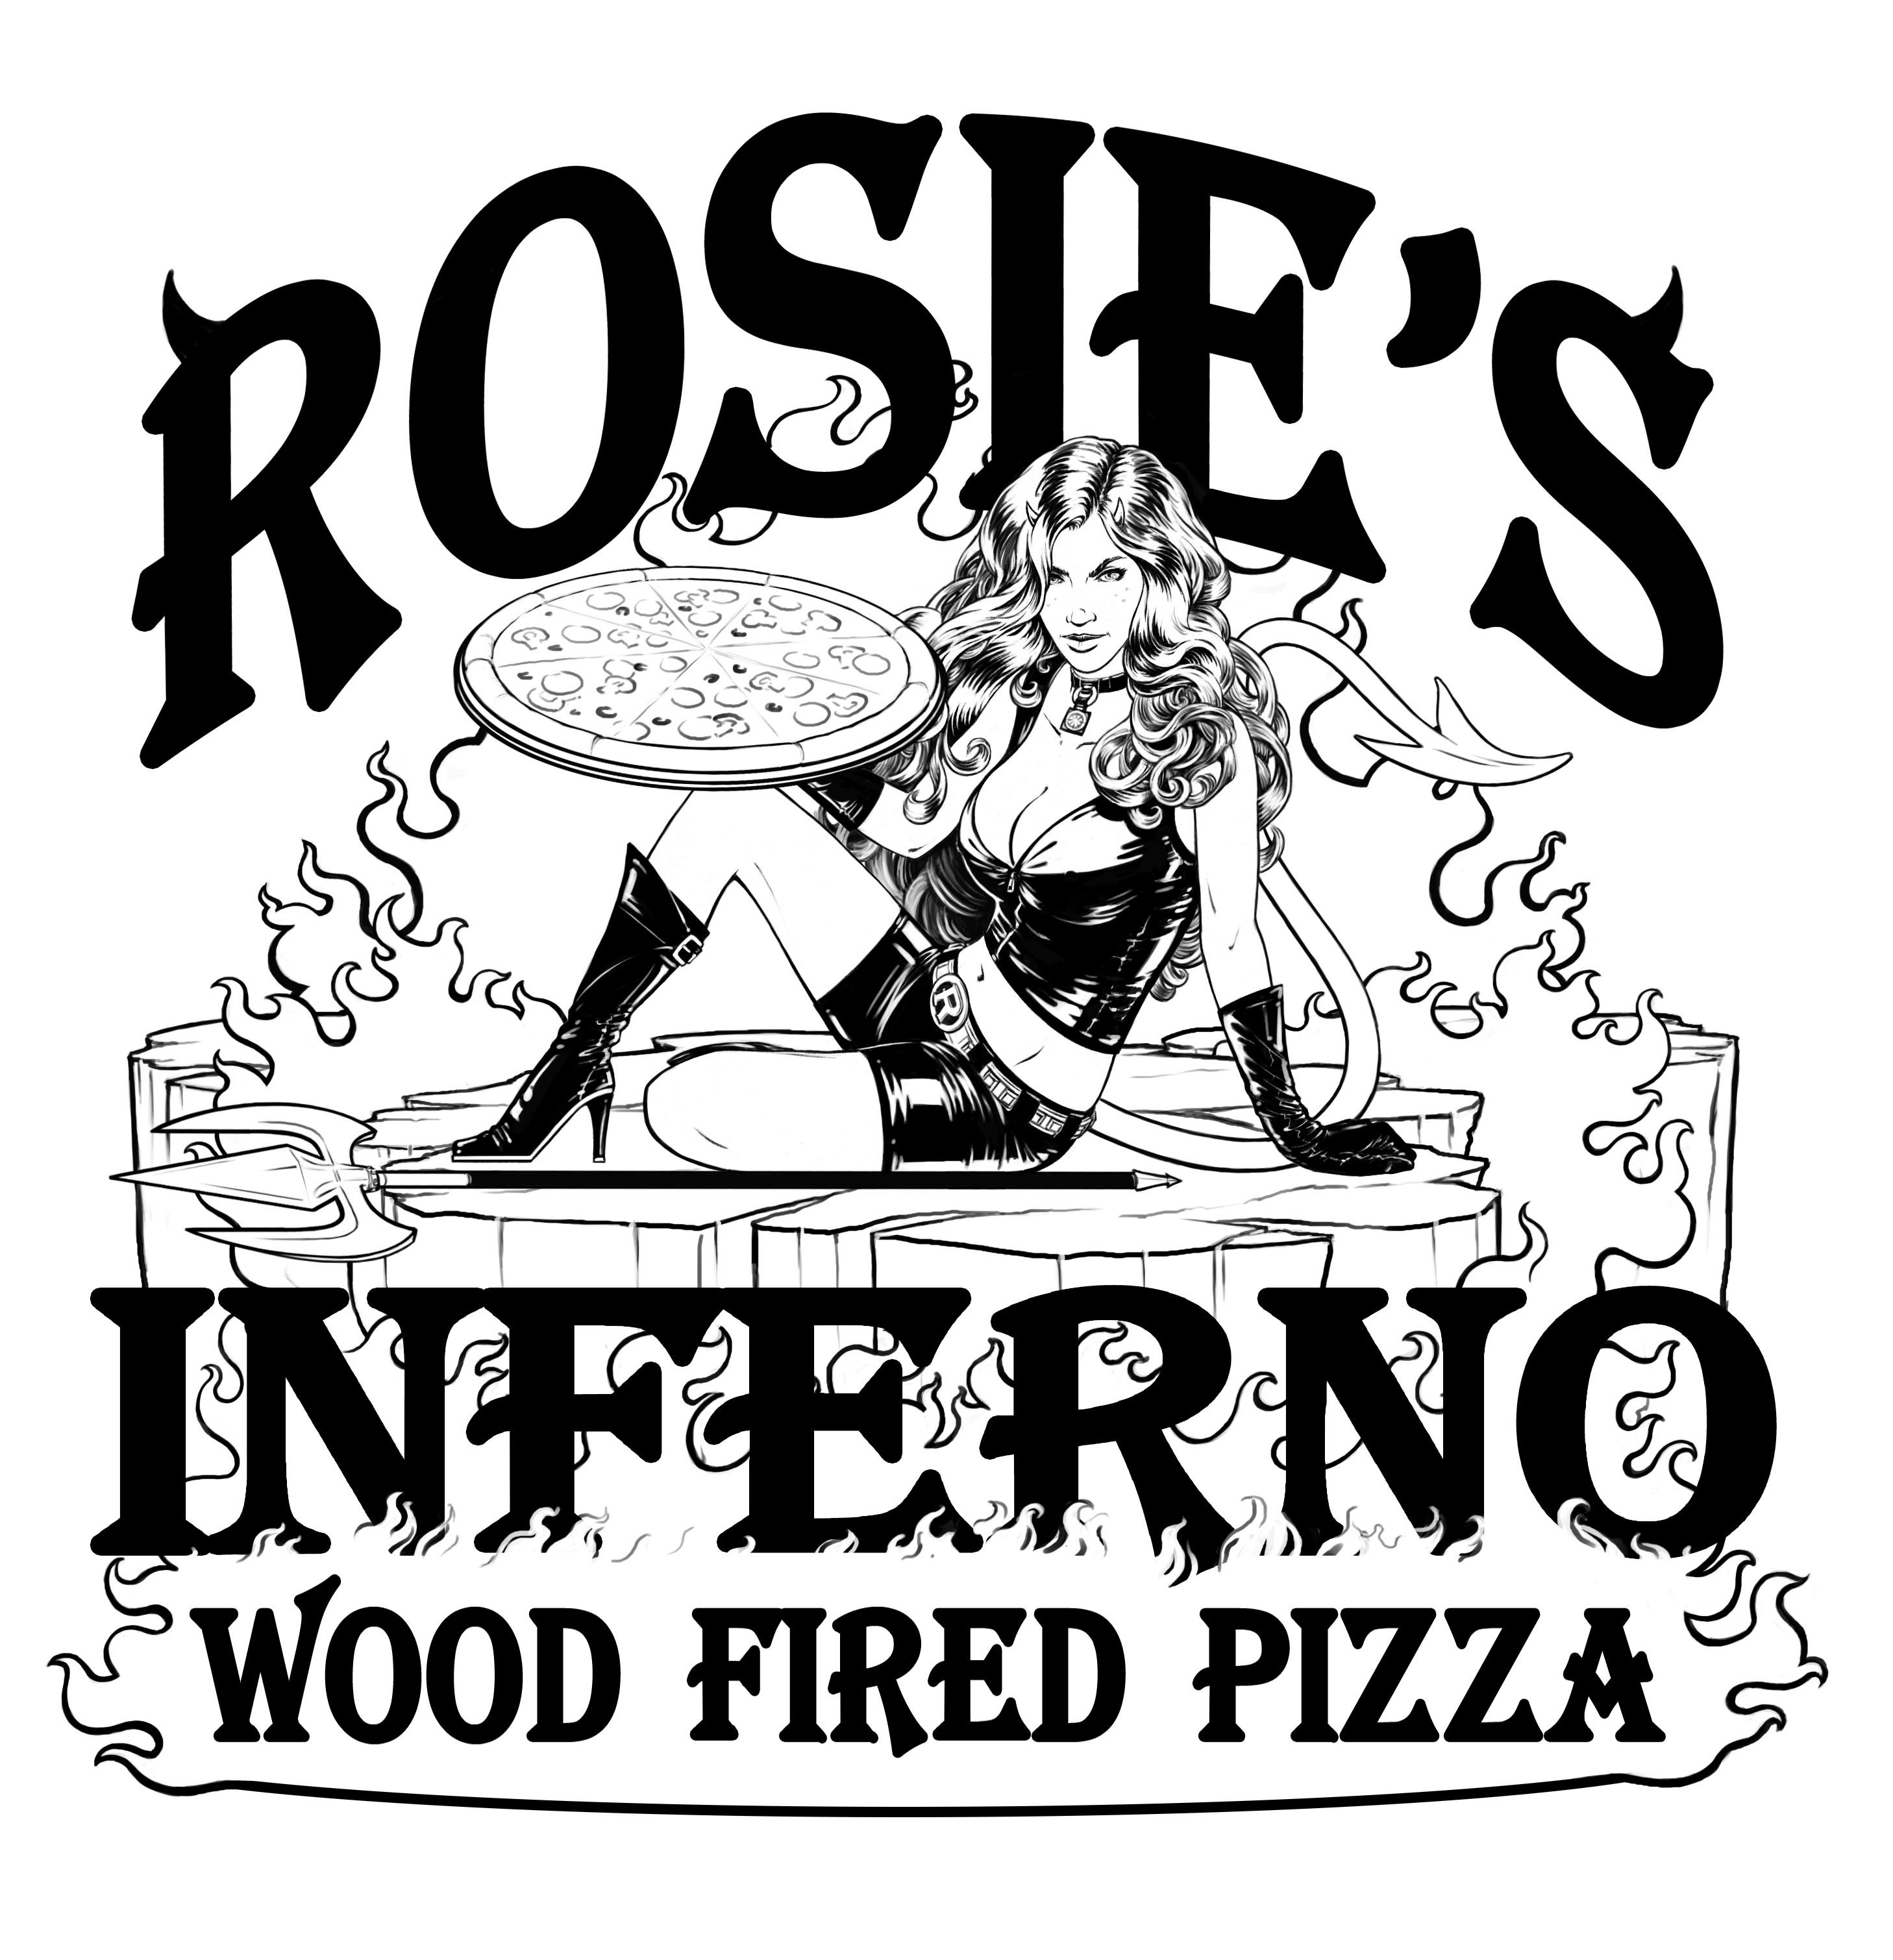 Rosie's Inferno © 2009